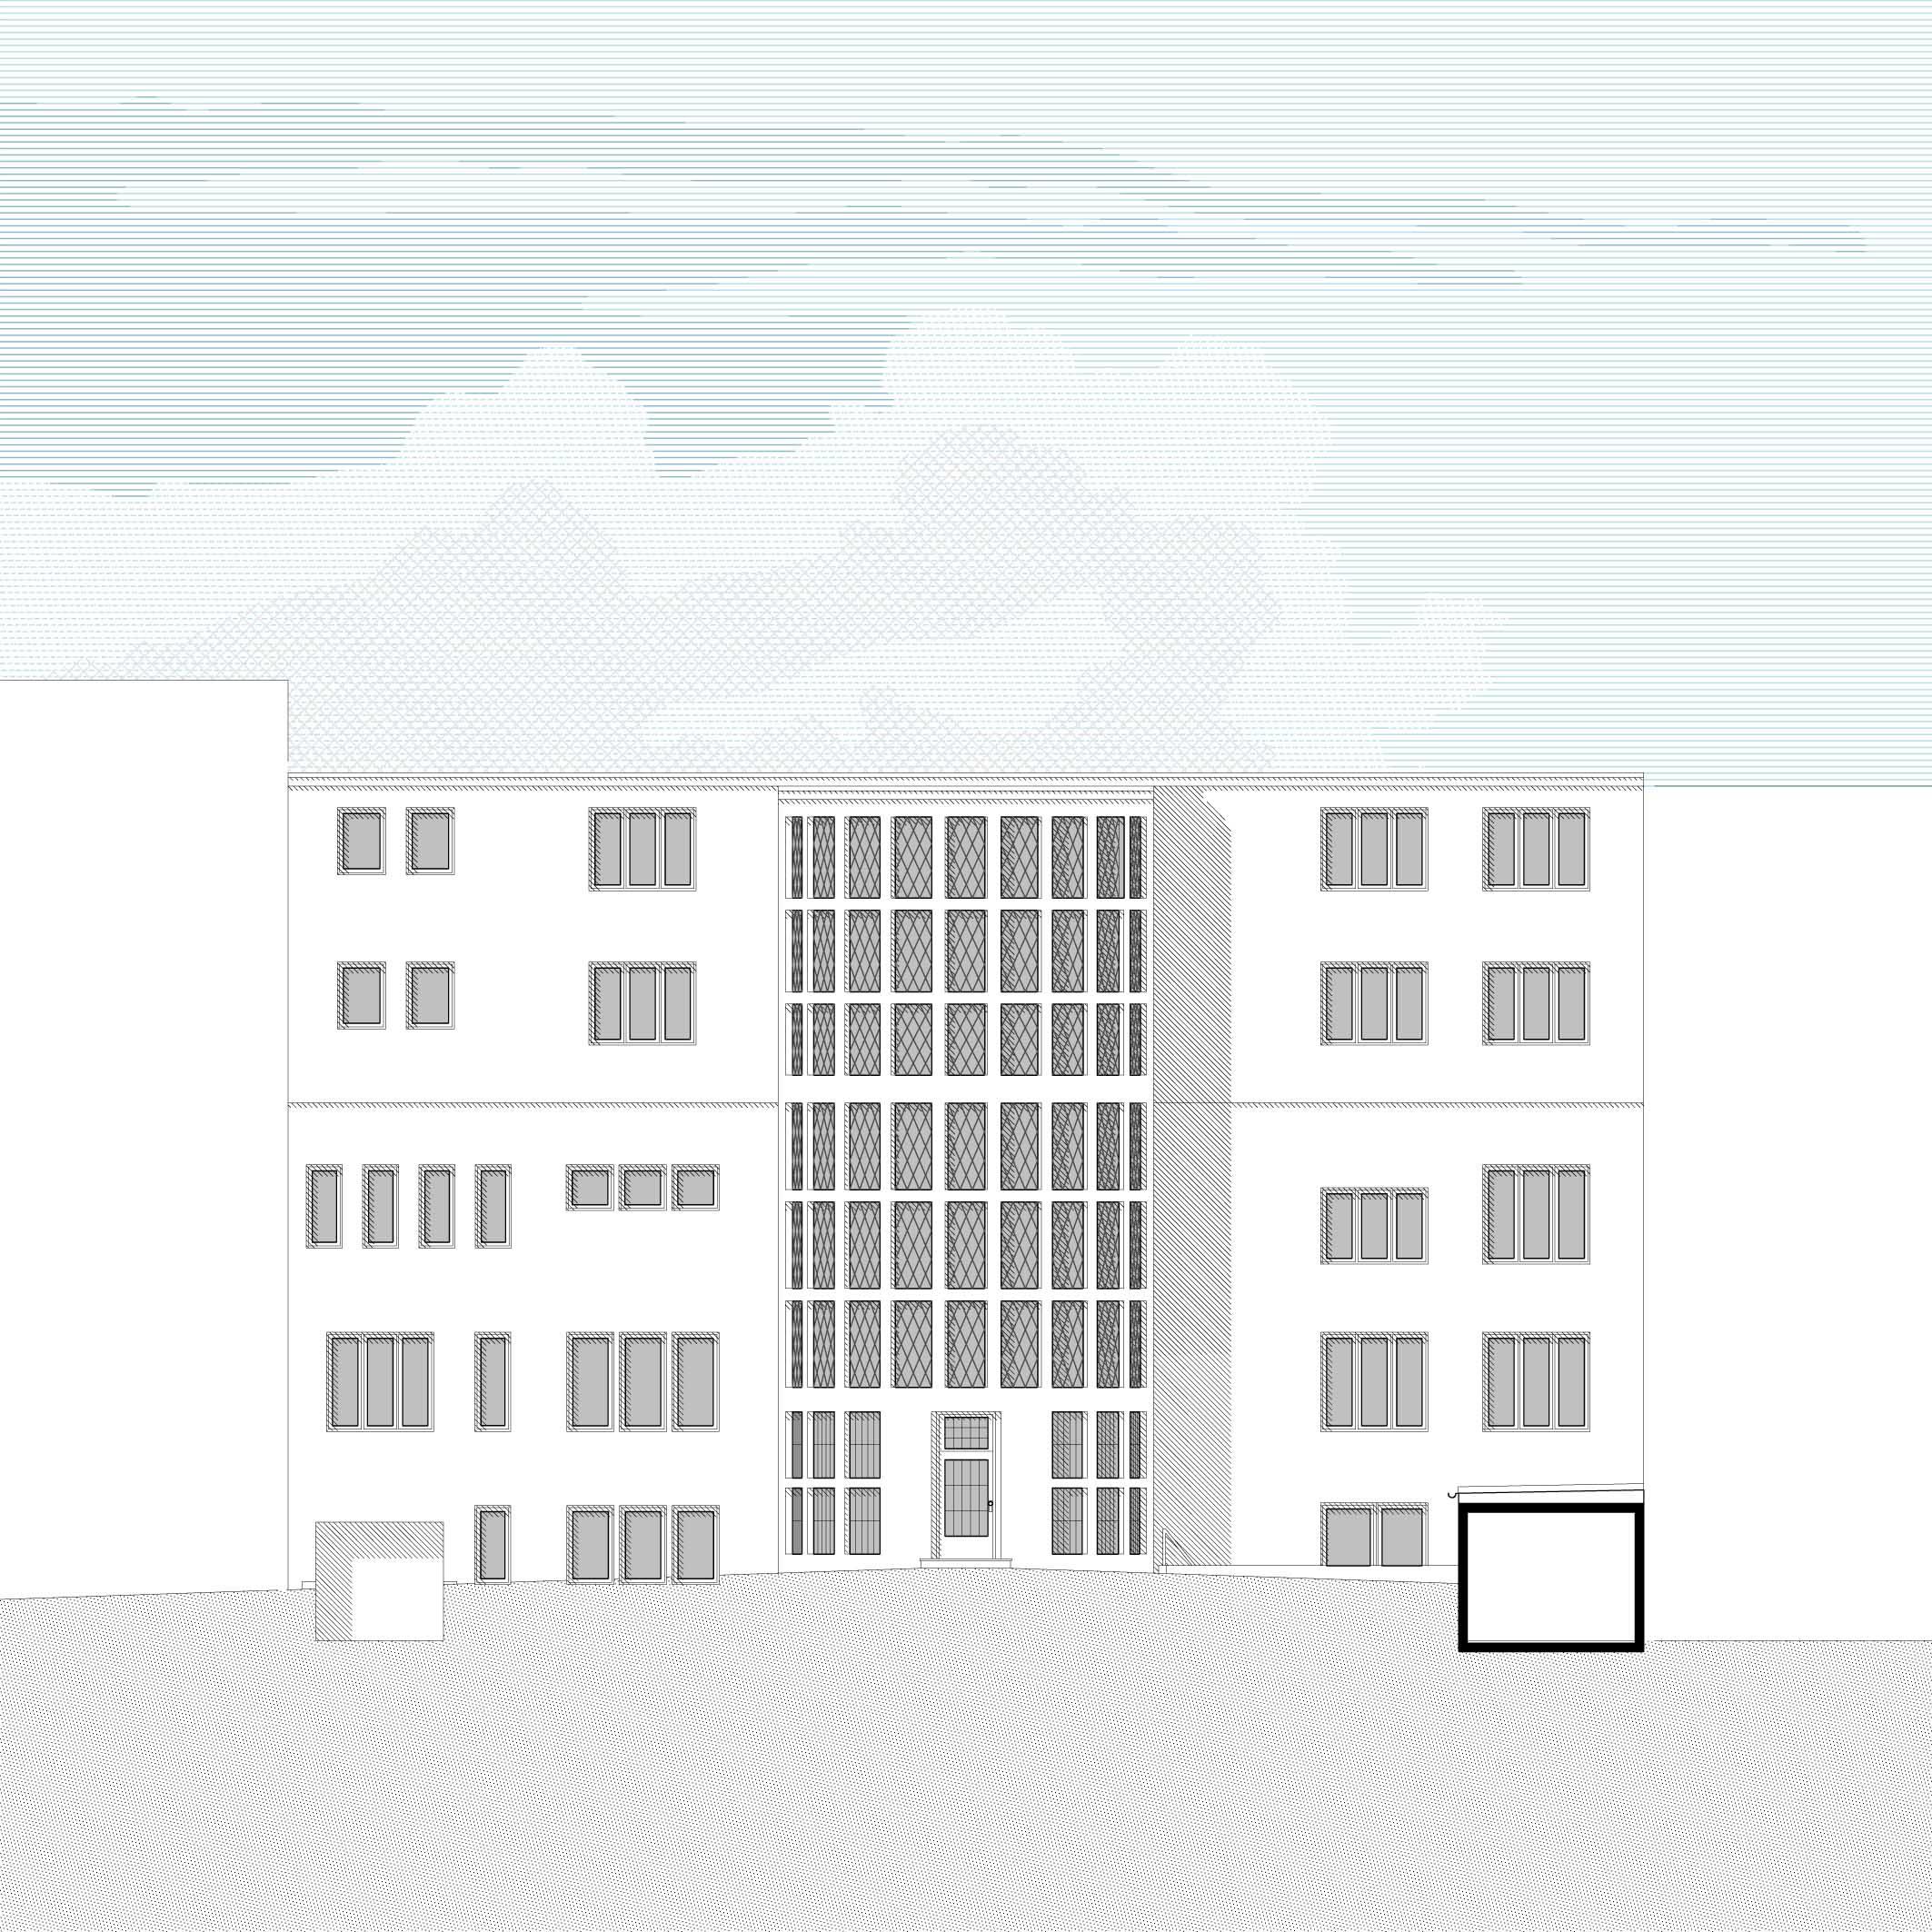 Verwaltungsgebäude_Köln_01.jpg